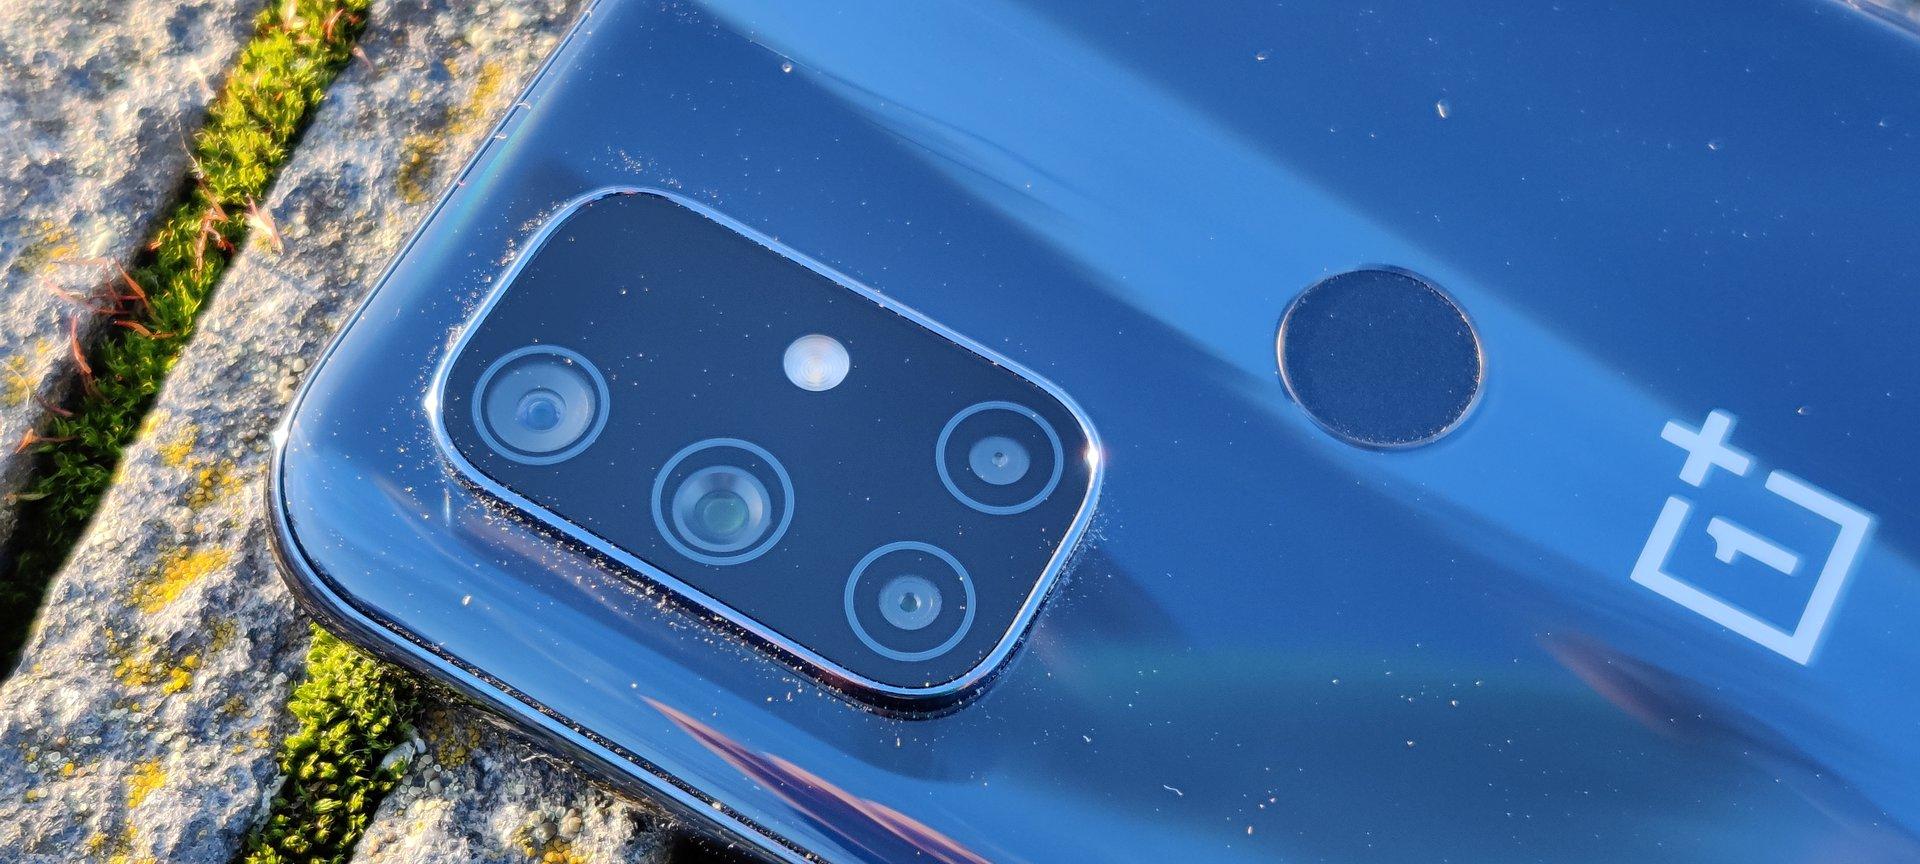 OnePlus Nord N10 5G takakamerat